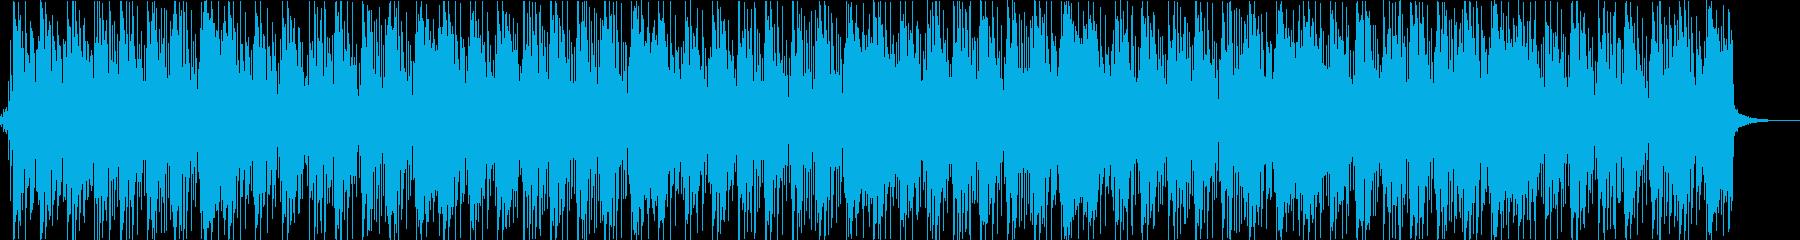 まったり、大人向け、おしゃれトークBGMの再生済みの波形